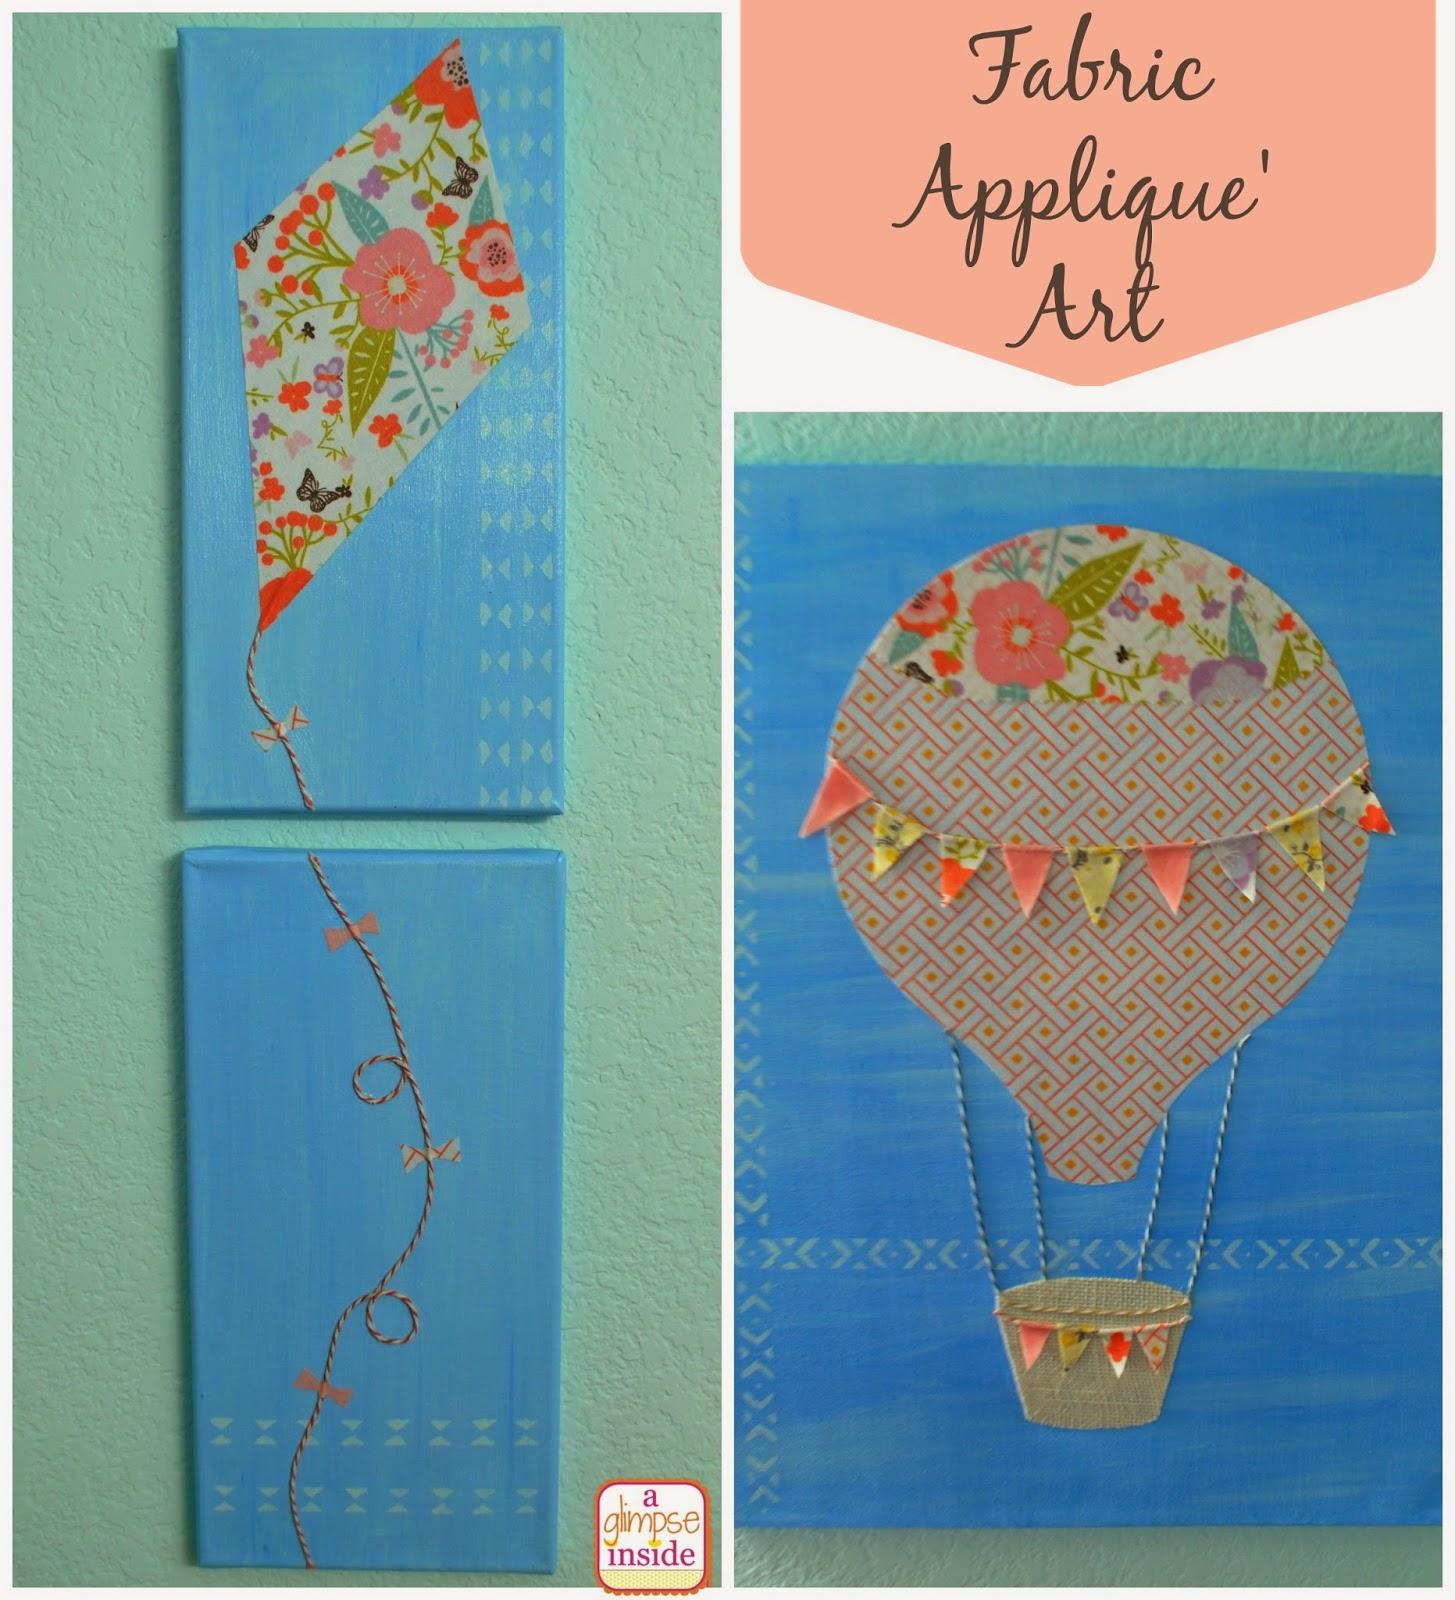 http://www.aglimpseinsideblog.com/2014/03/fabric-applique-art.html